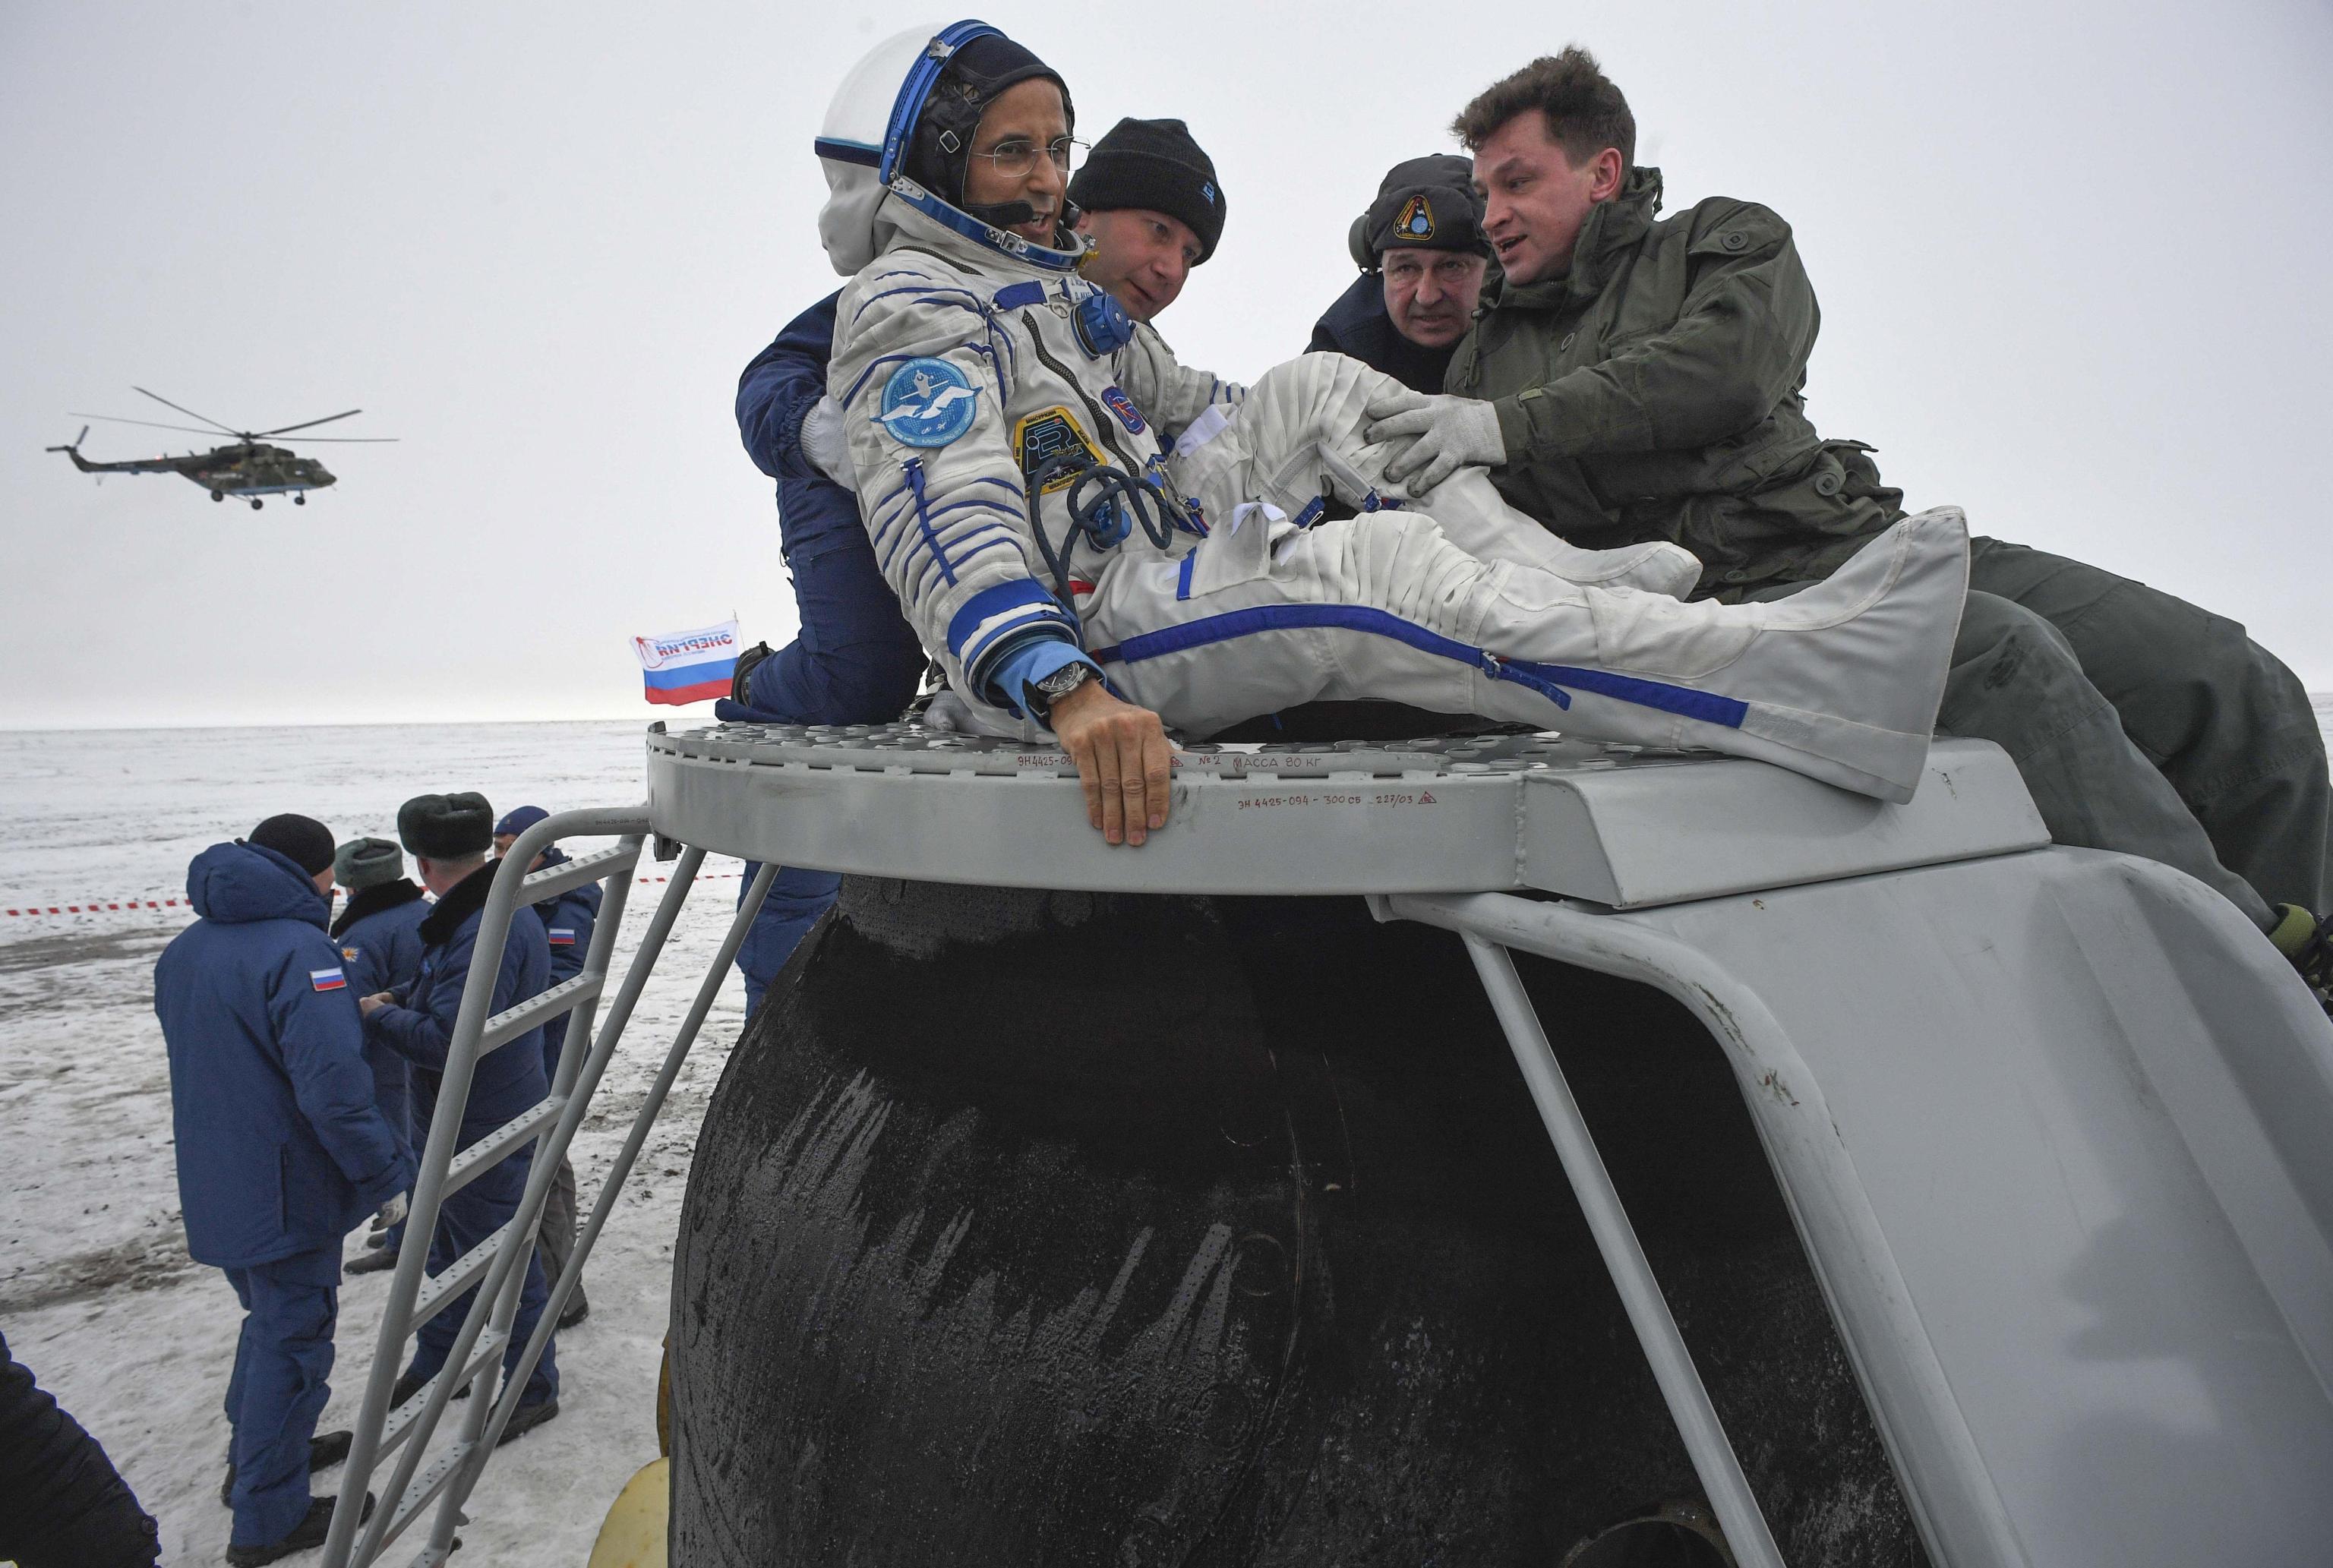 Il personale aiuta l'astronauta della Nasa, Joe Acaba, a uscire dalla capsula